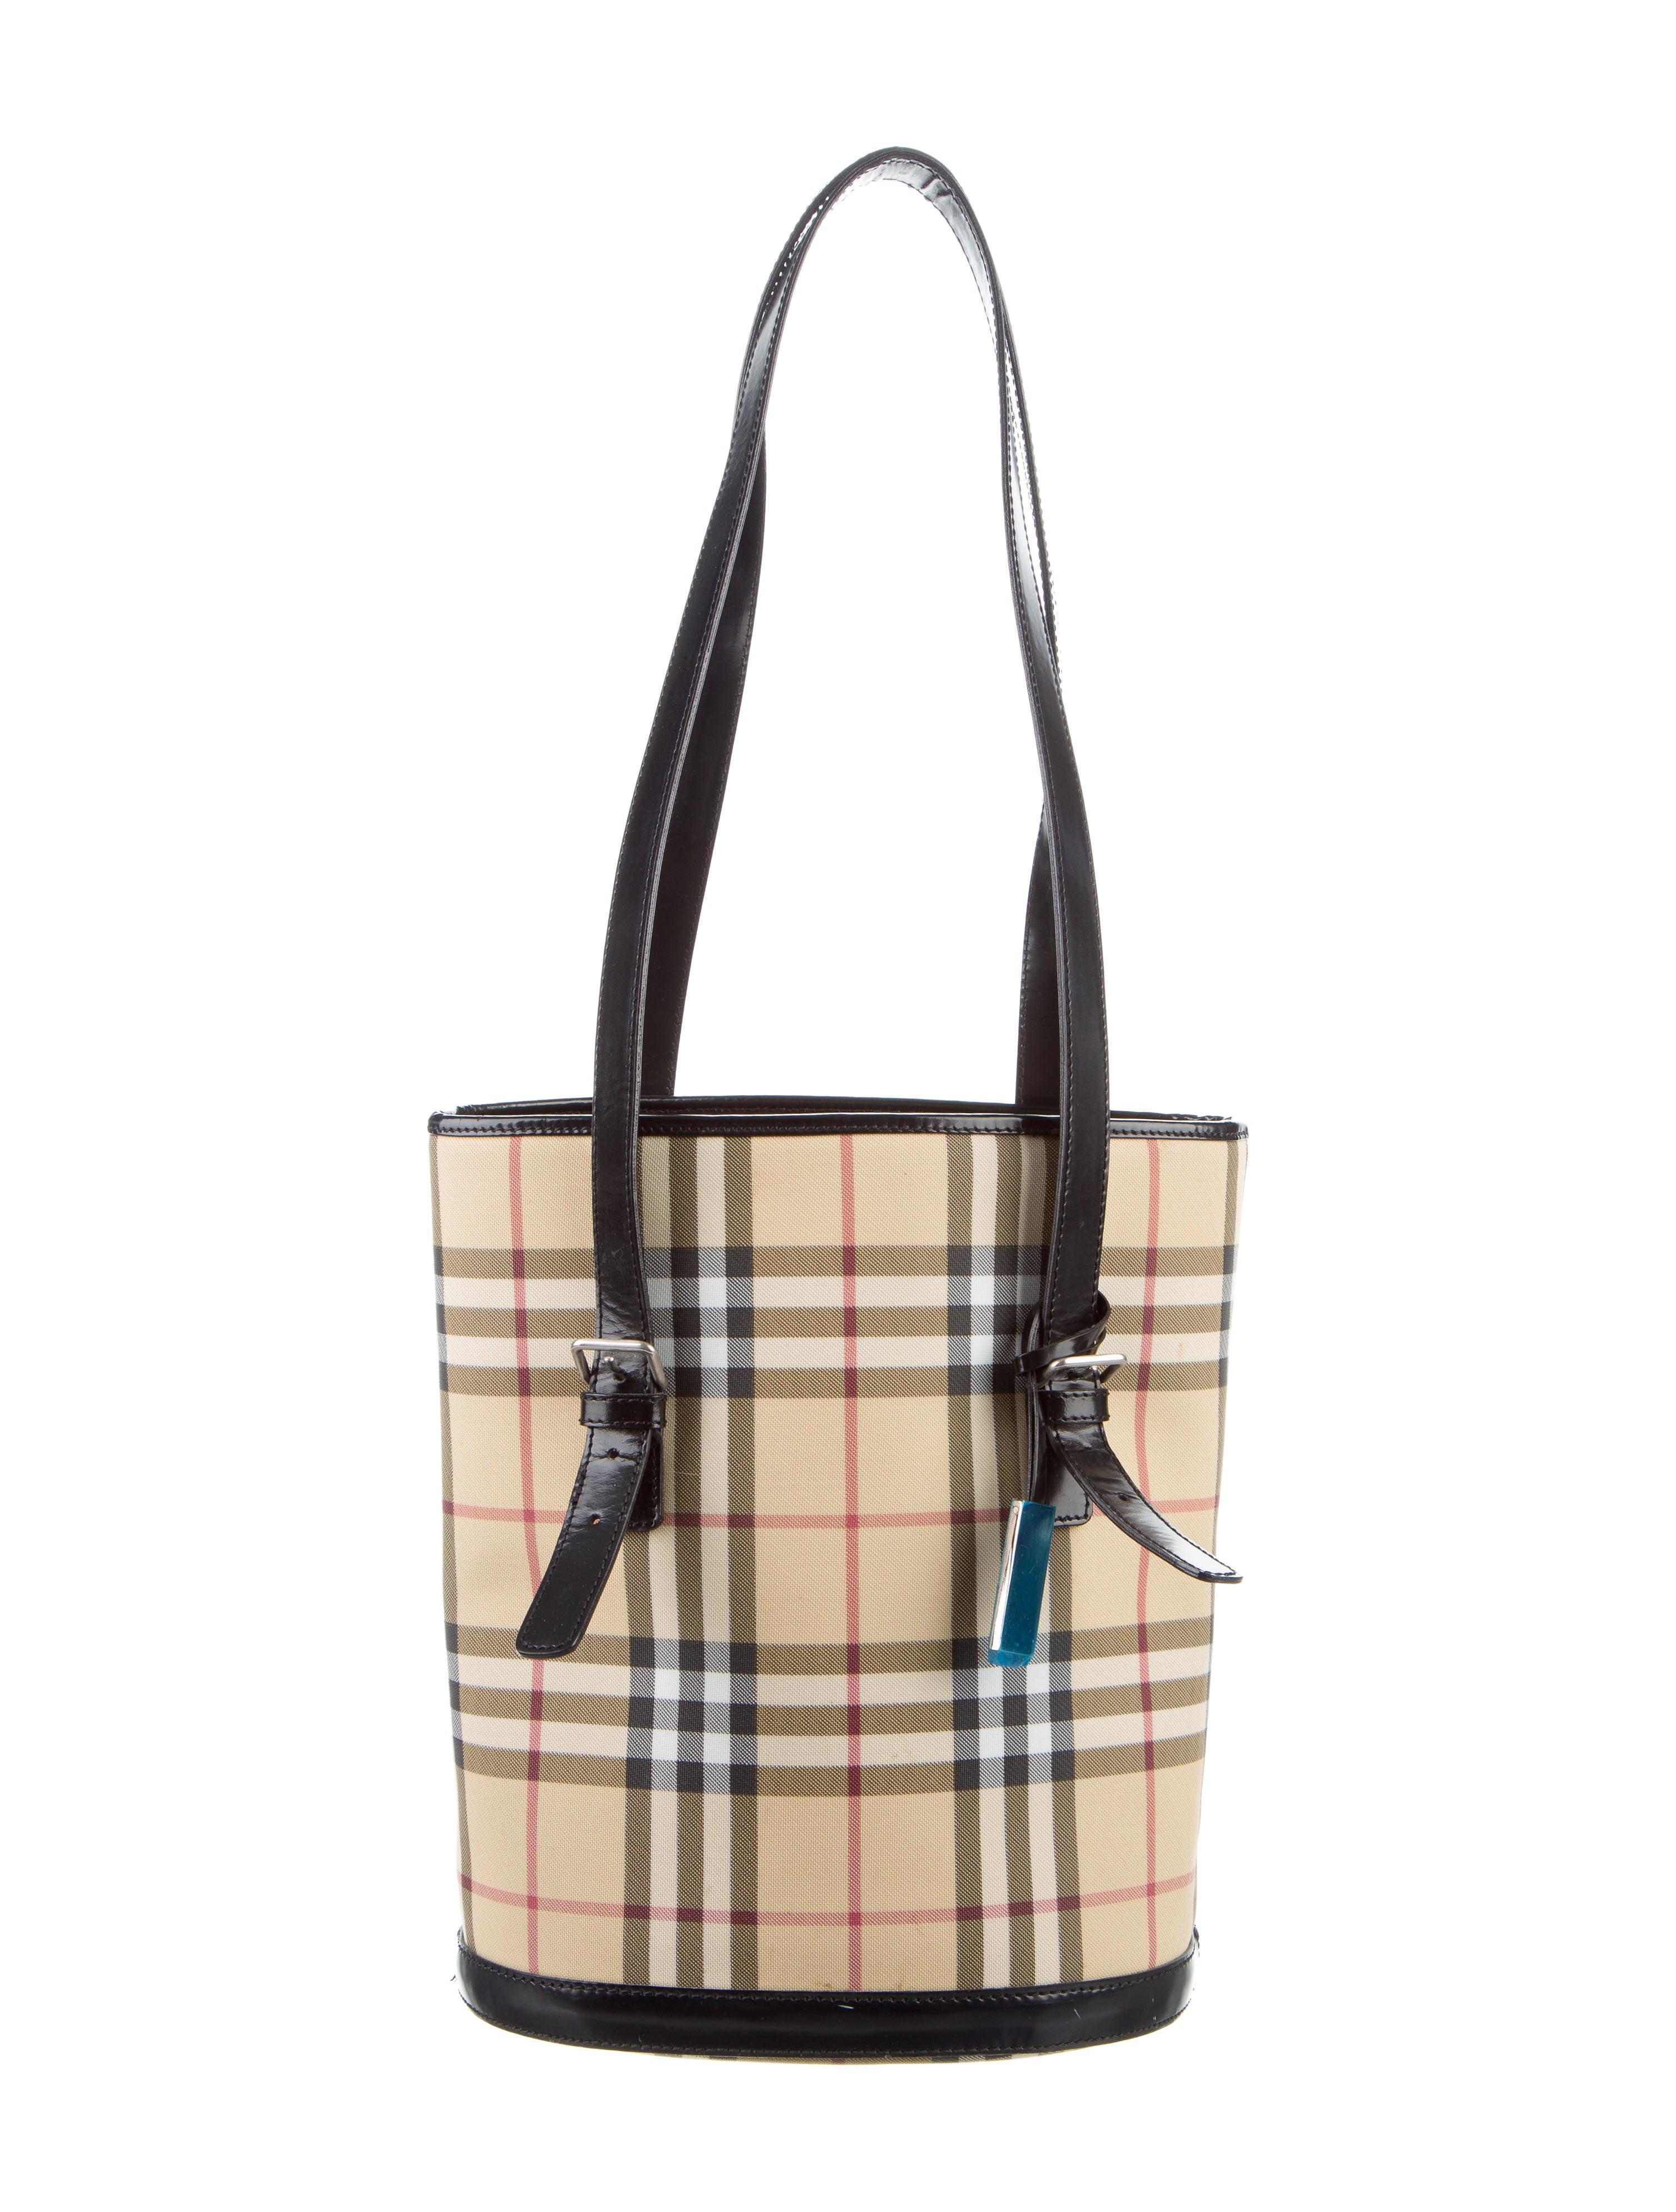 Burberry Nova Check Bucket Bag - Handbags - BUR79482  5a27609e34ab3